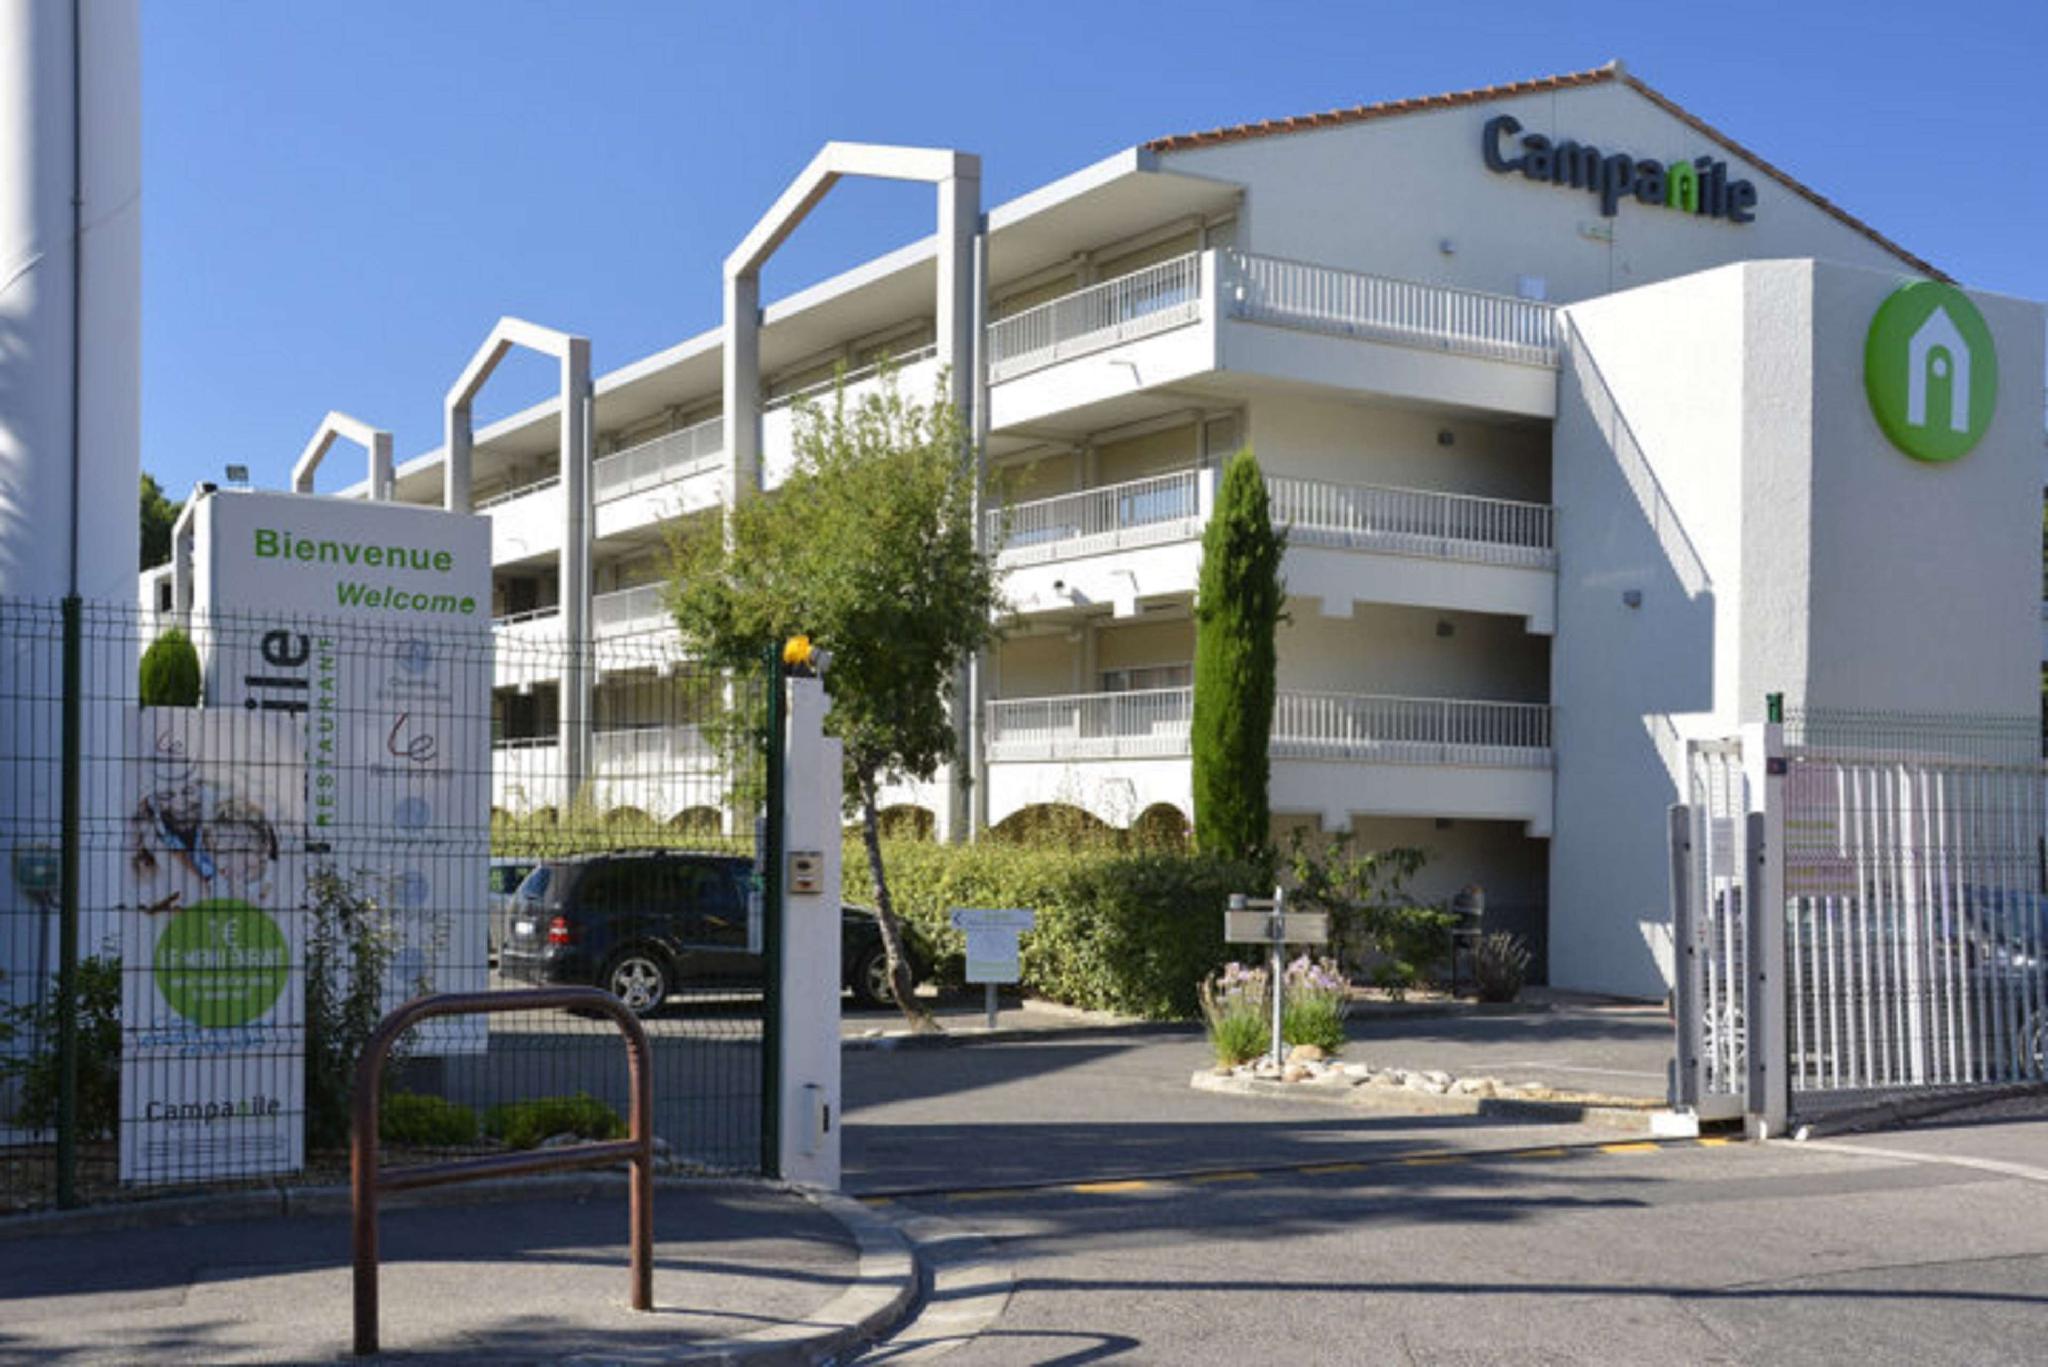 Hotel Campanile Aix-en-Provence Sud Pont de l'Arc